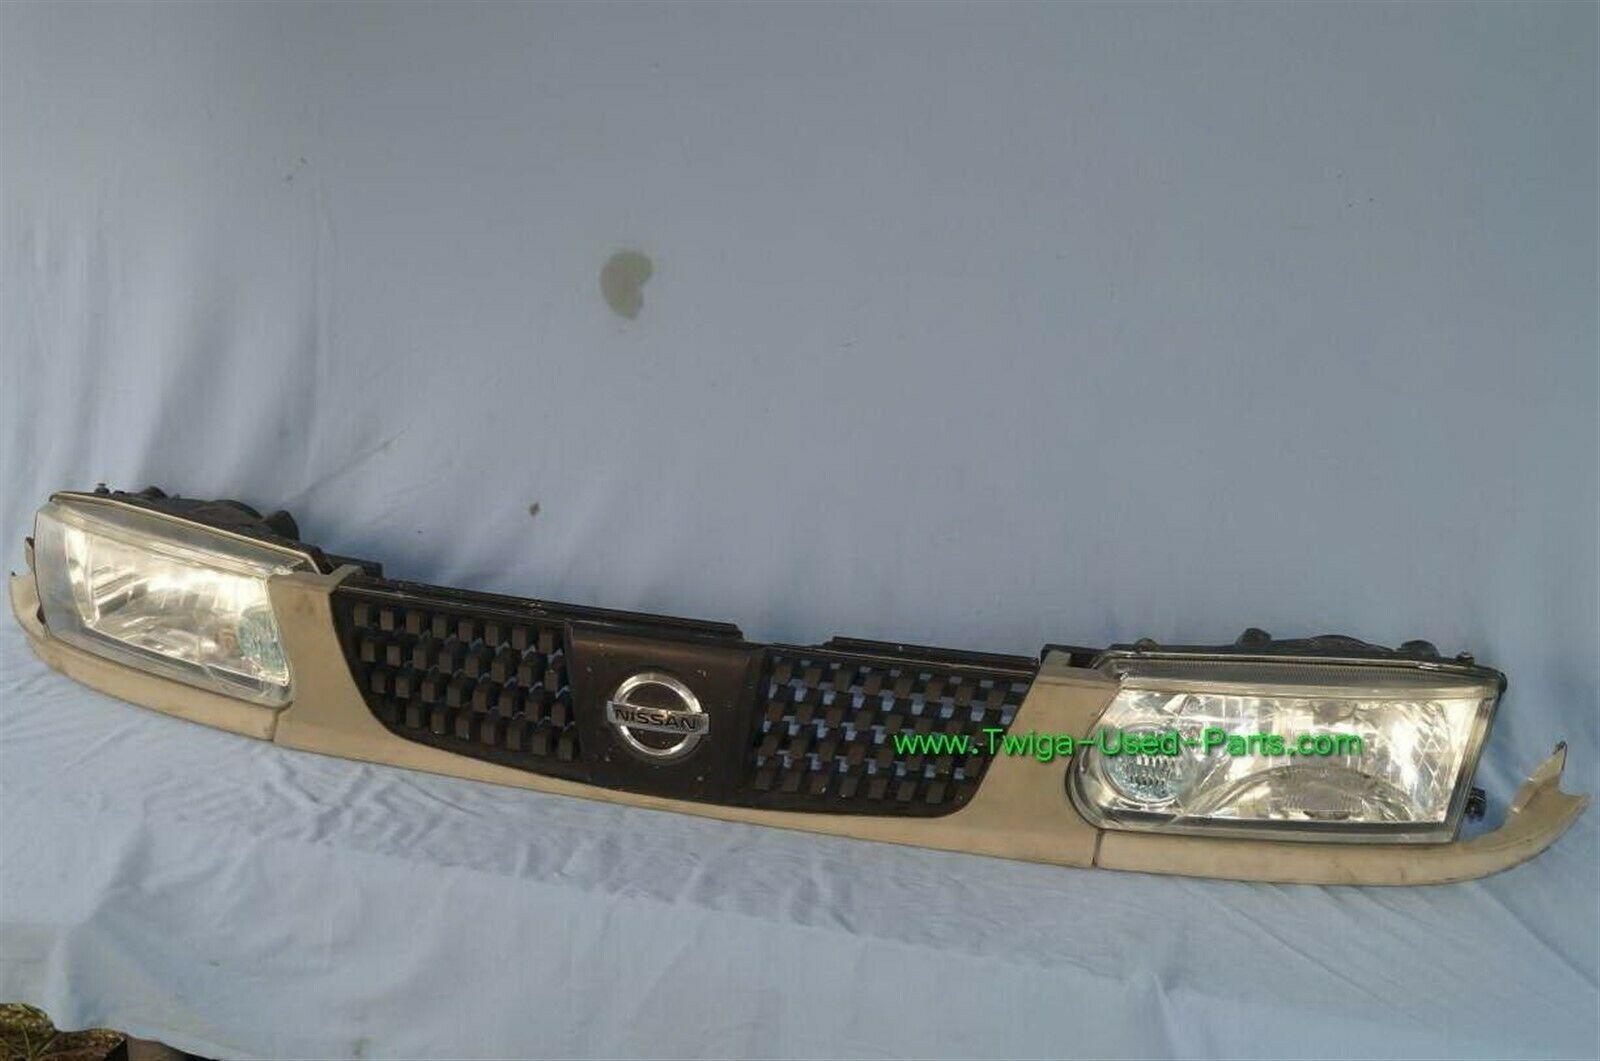 93-94 Nissan Tsuru Sunny Sentra B13 Headlights Head Light Lamps Set L&R w/ Grill